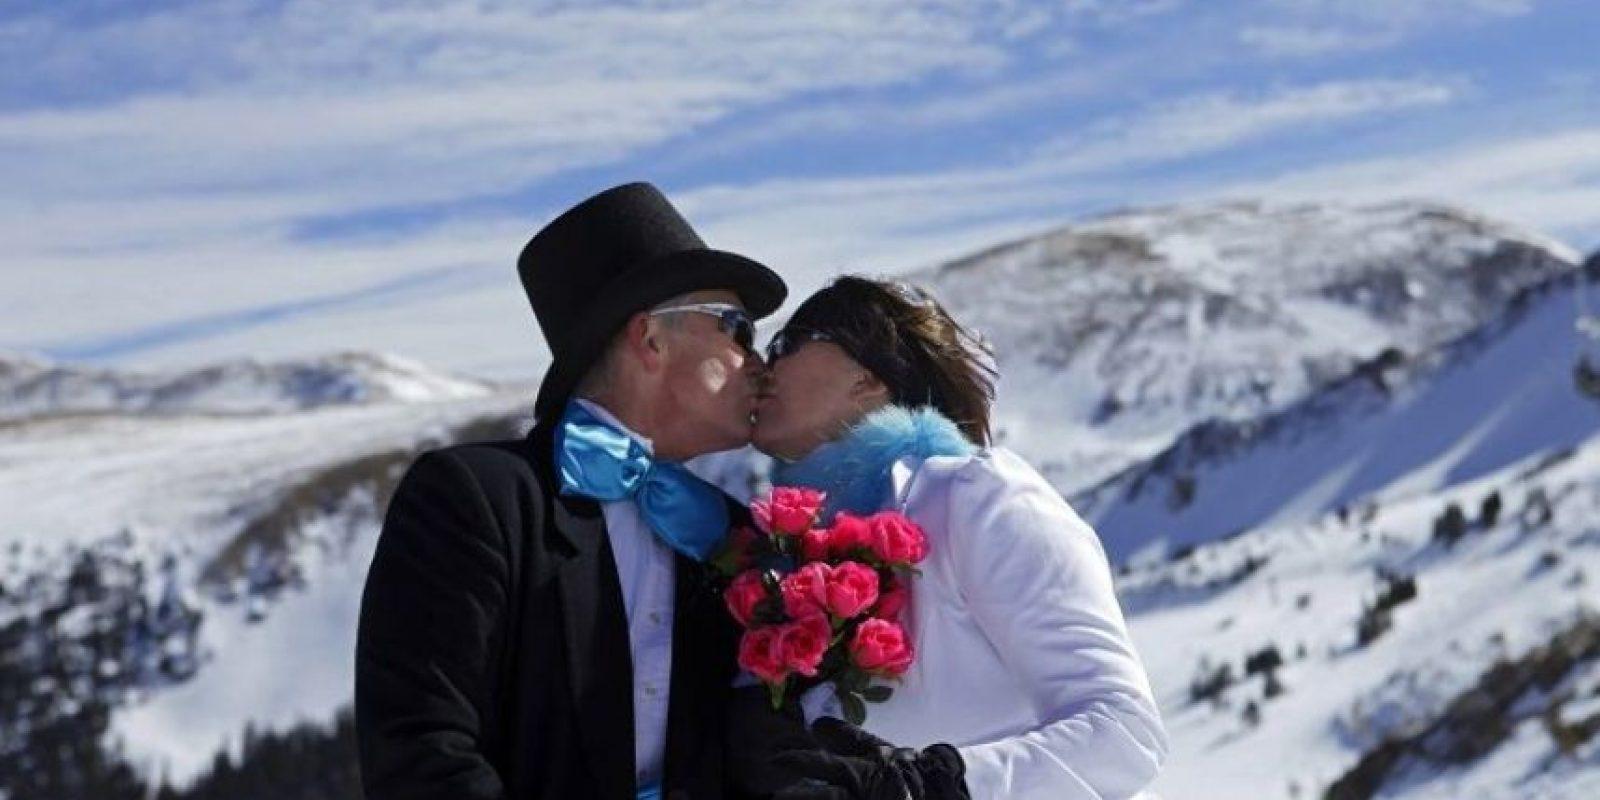 Una reciente encuesta llevada a cabo por la antropóloga biológica Helen Fisher asegura que el amor a primera vista existe. Foto:Getty Images